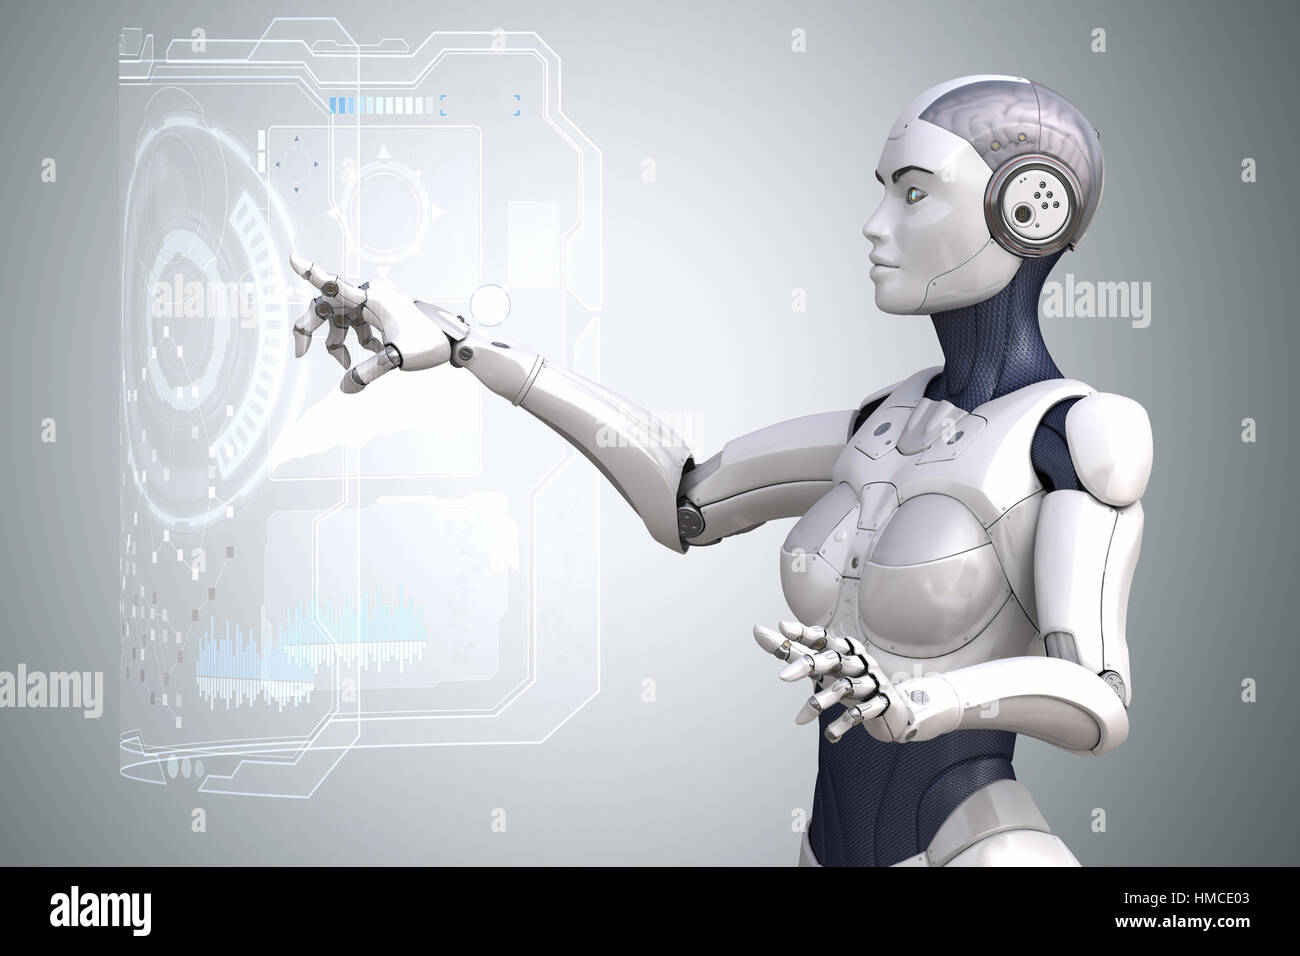 Robot est le travail avec l'écran tactile de la réalité virtuelle. 3D illustration Photo Stock